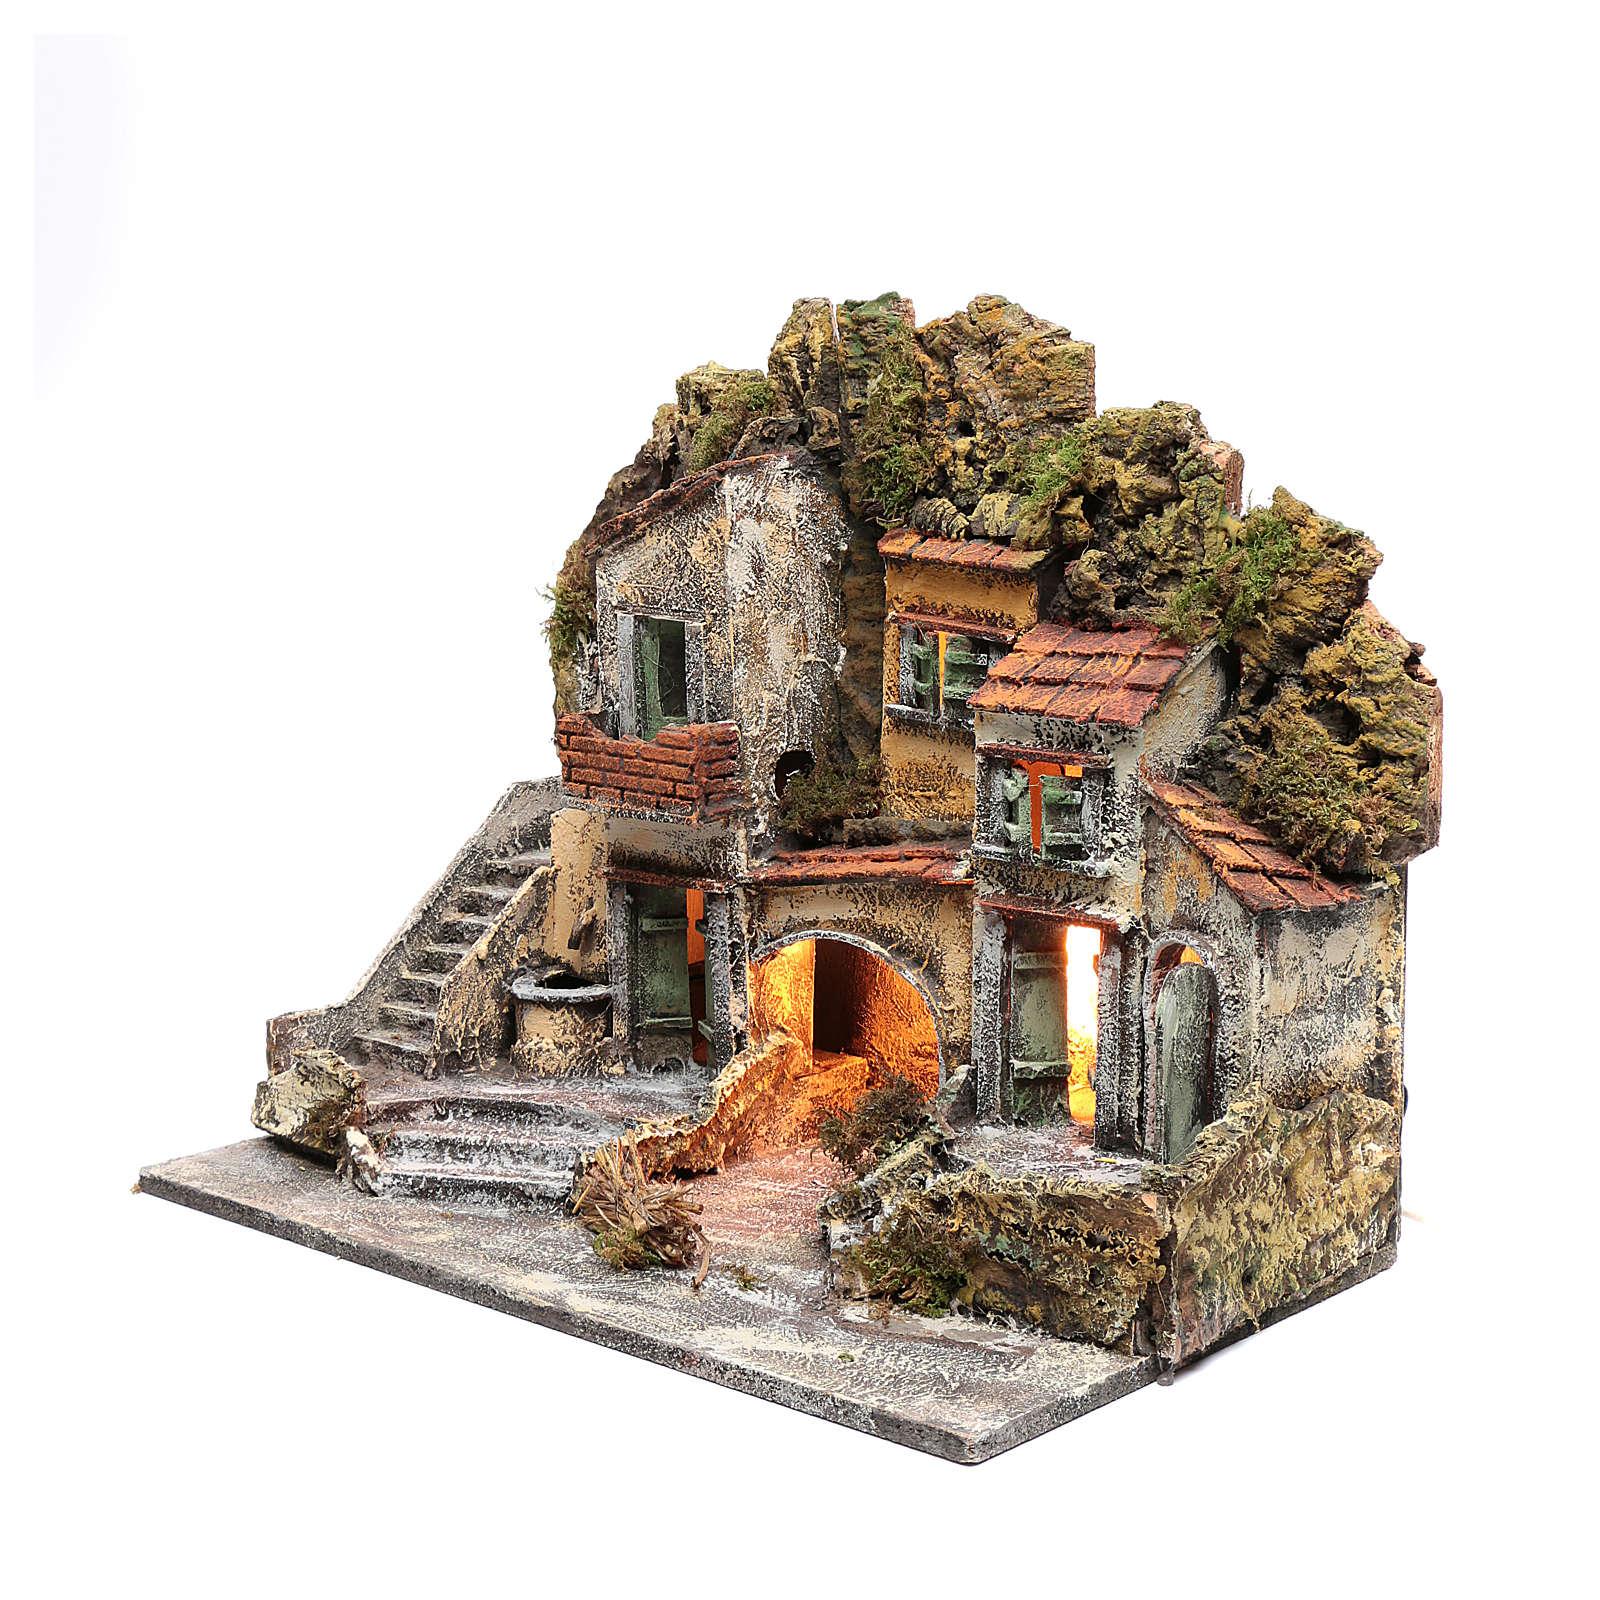 Ambientazione presepe di Napoli 40x50x30 cm con capanna 4